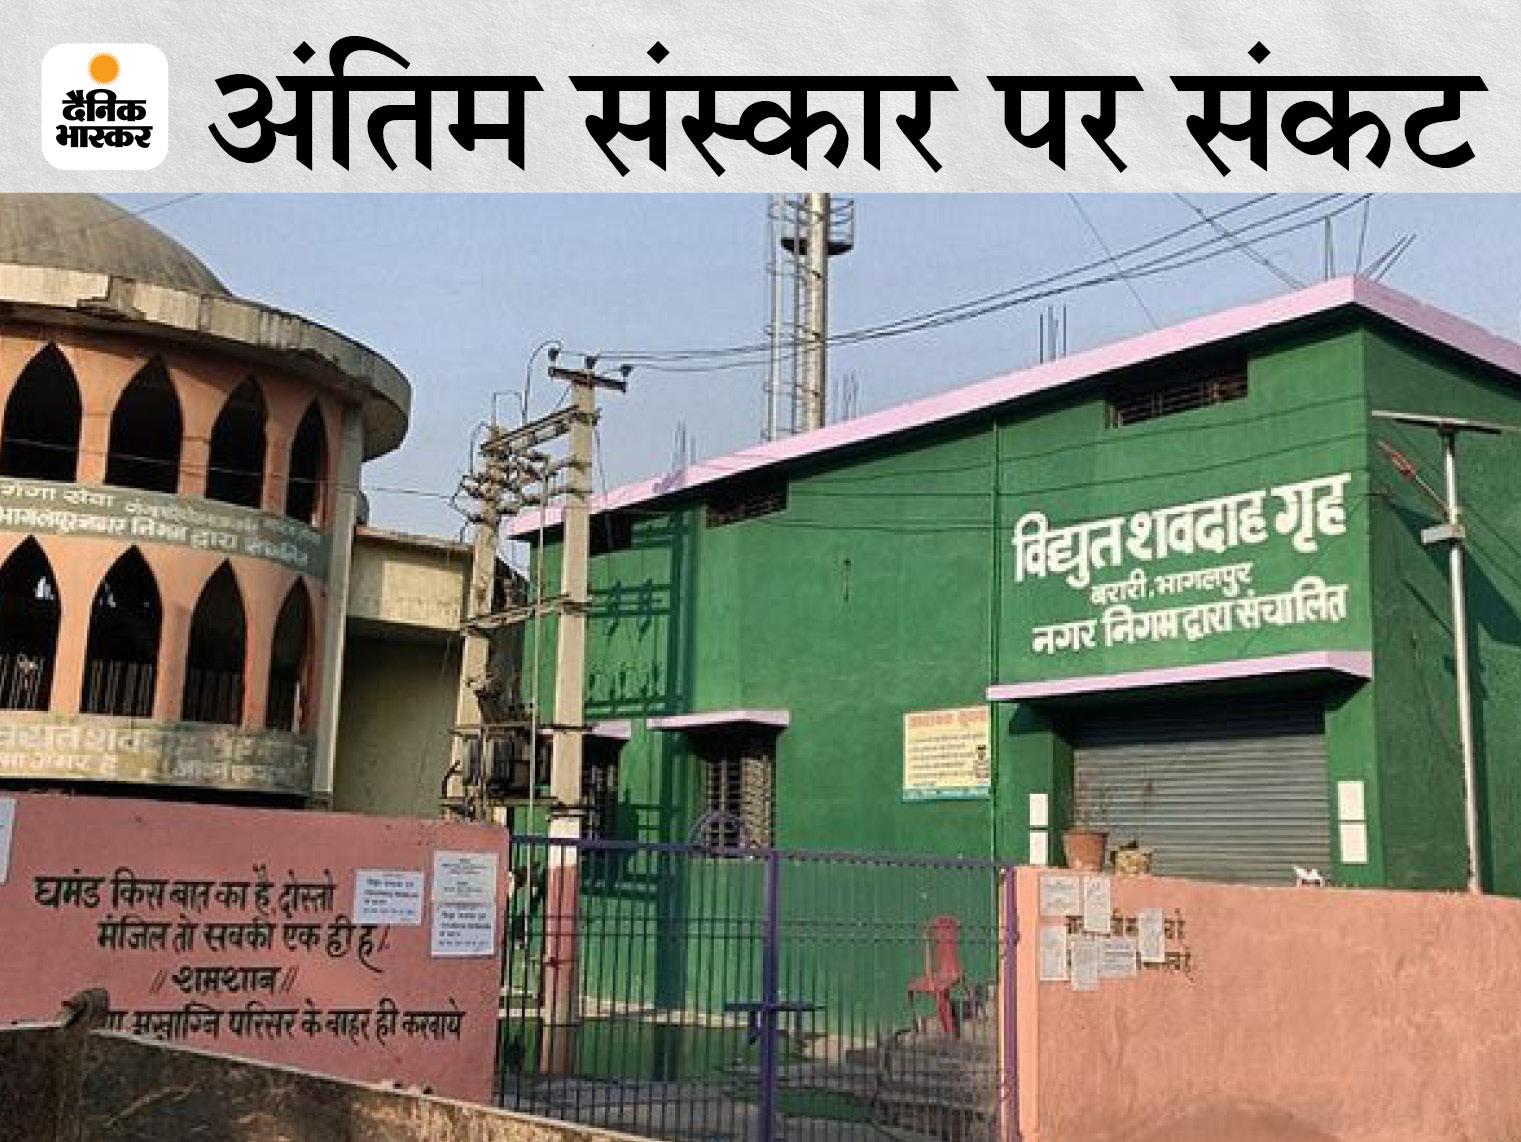 बिहार के 5 चालू विद्युत् शवदाह गृहों में 2 पर कभी भी लग सकता है ताला, स्टाफ को 8 माह से वेतन नहीं; 9 में 4 पहले से बंद बिहार,Bihar - Dainik Bhaskar